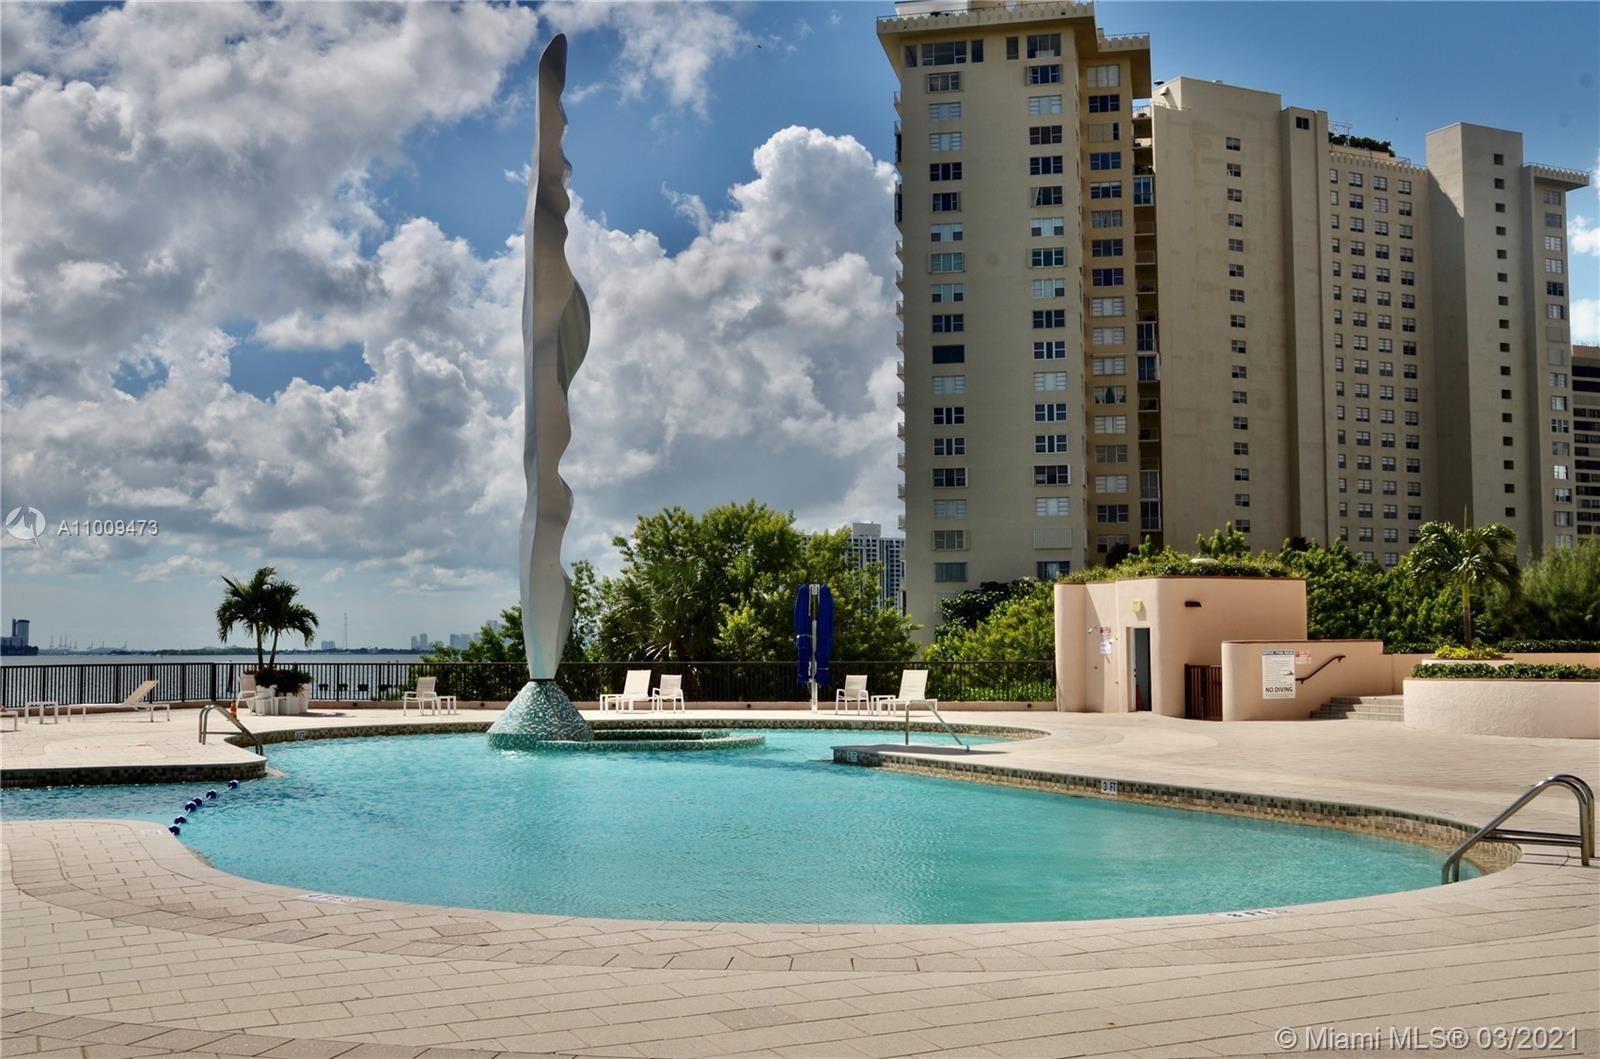 Photo of 1800 NE 114th St #905, Miami, FL 33181 (MLS # A11009473)